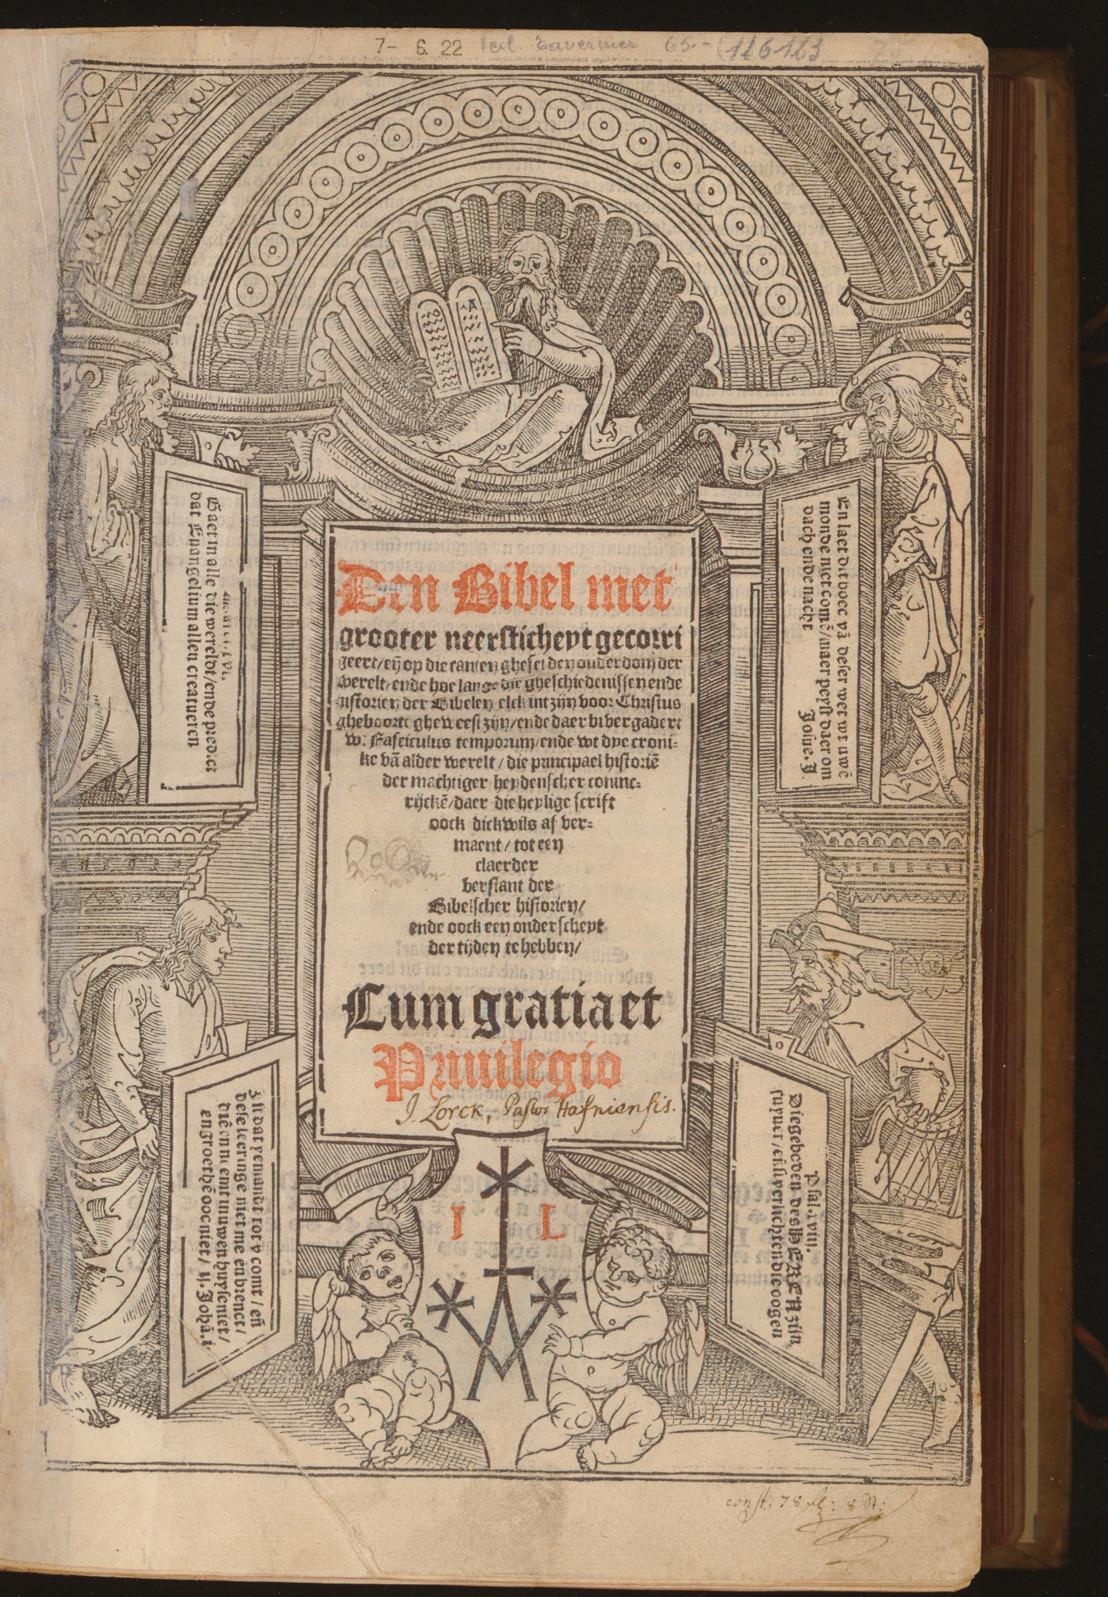 Luthers gedachtengoed krijgt weerklank in drukkerscentrum Antwerpen